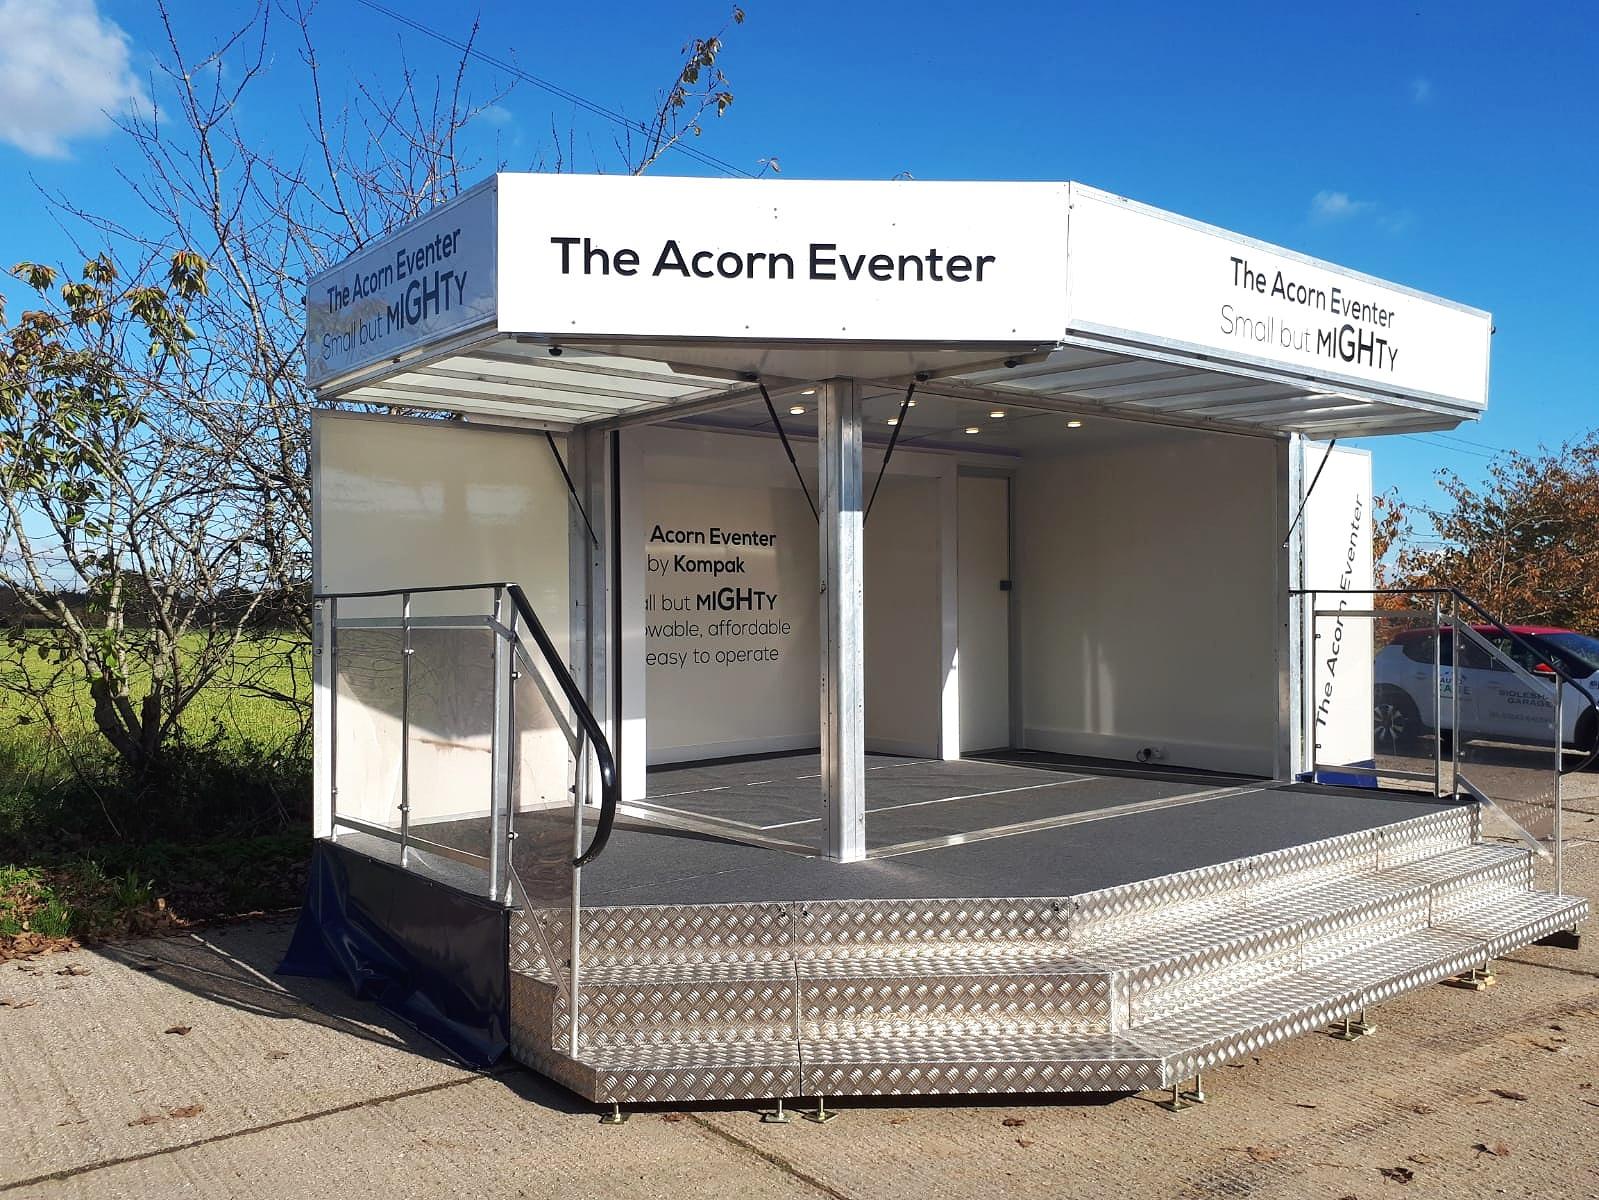 Exhibition trailer | marketing unit | promotional vehicle